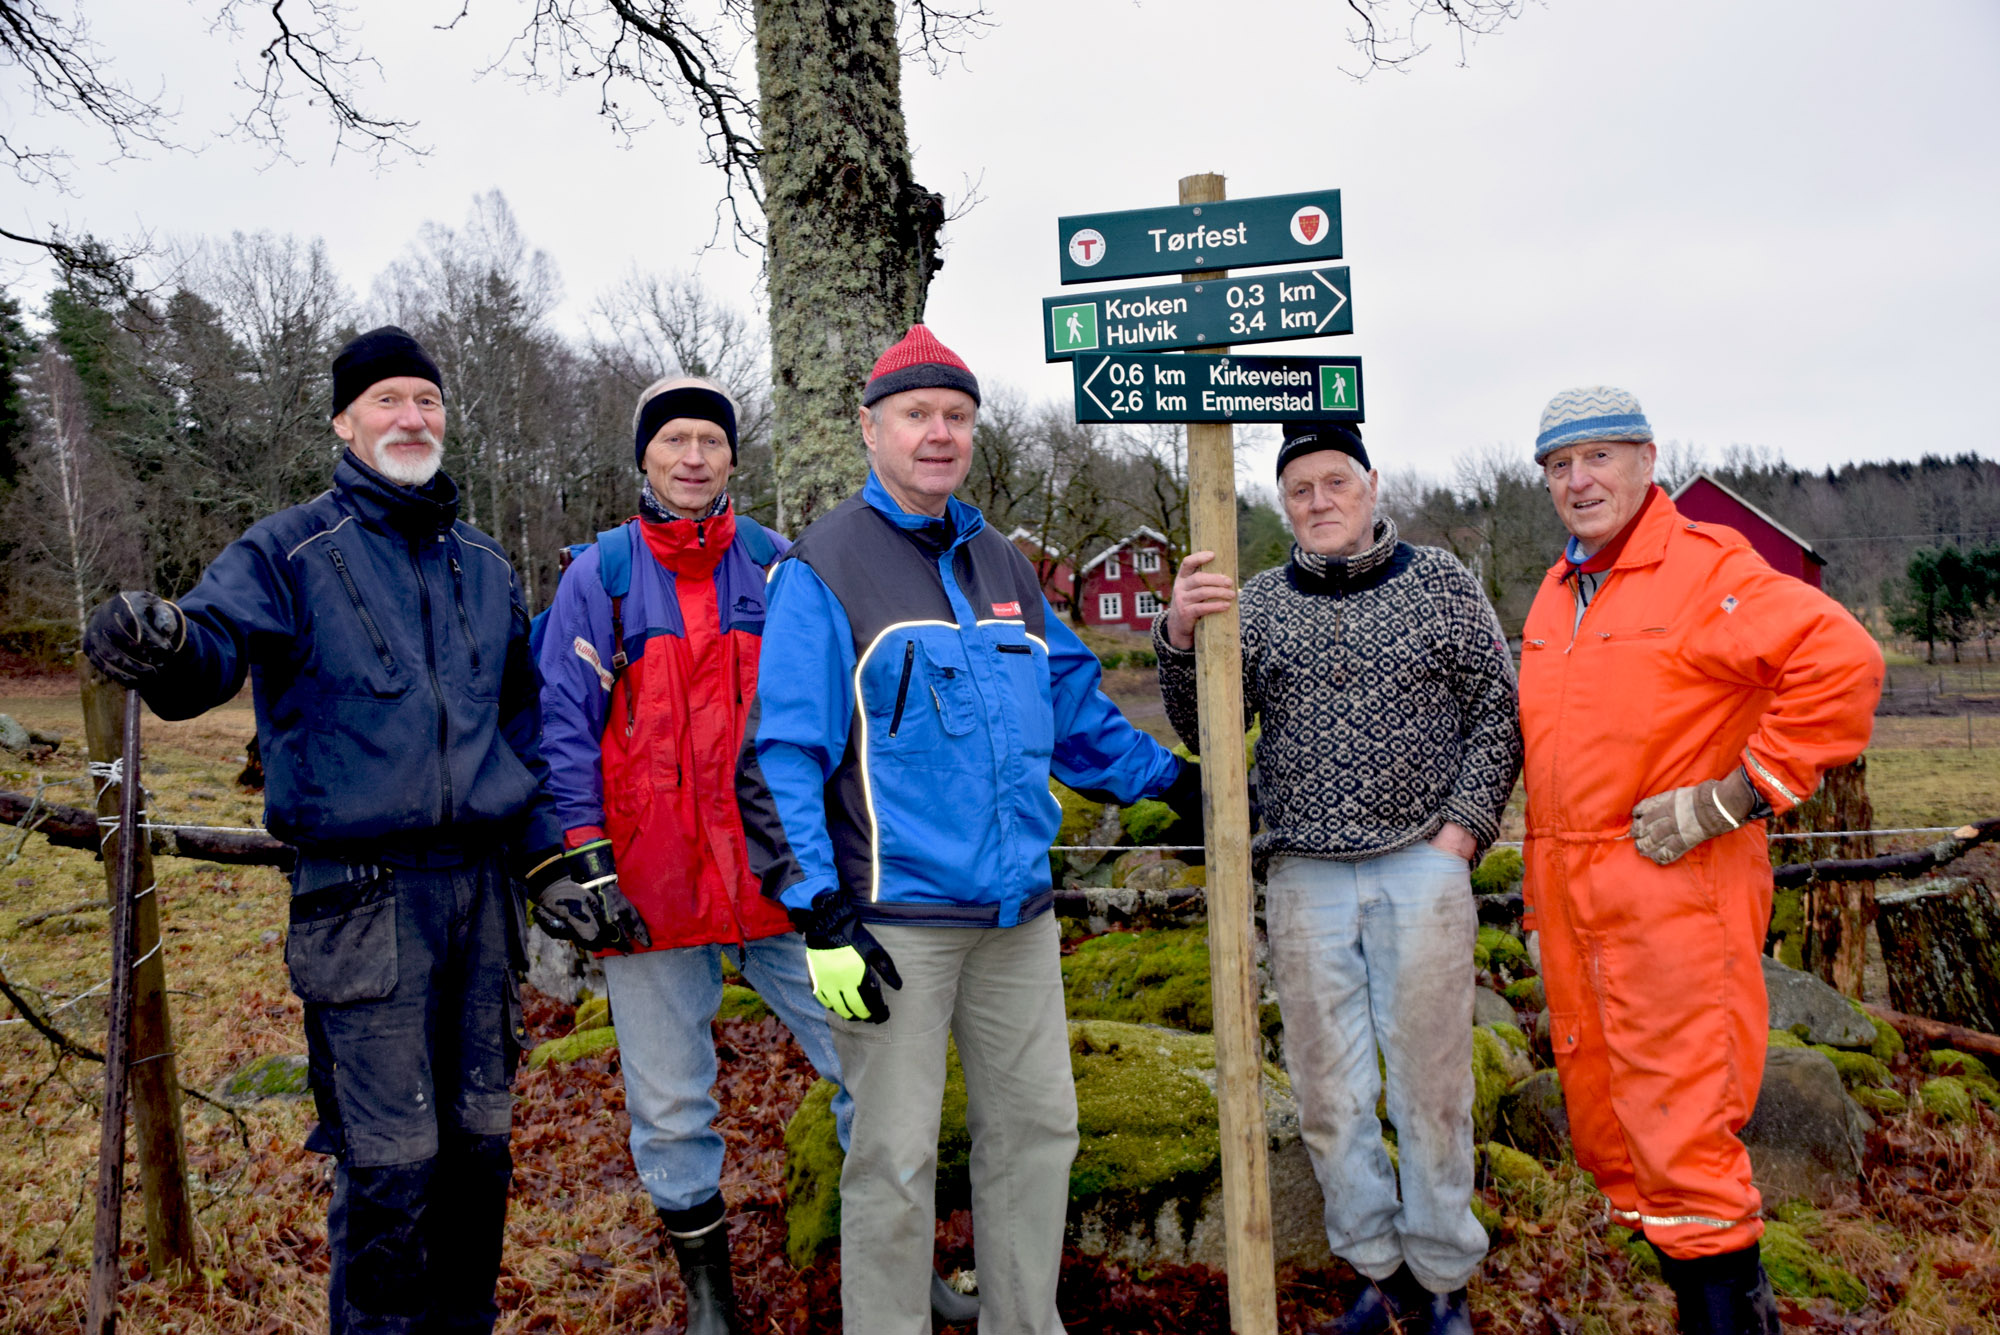 5 menn står ved et skilt i skogen